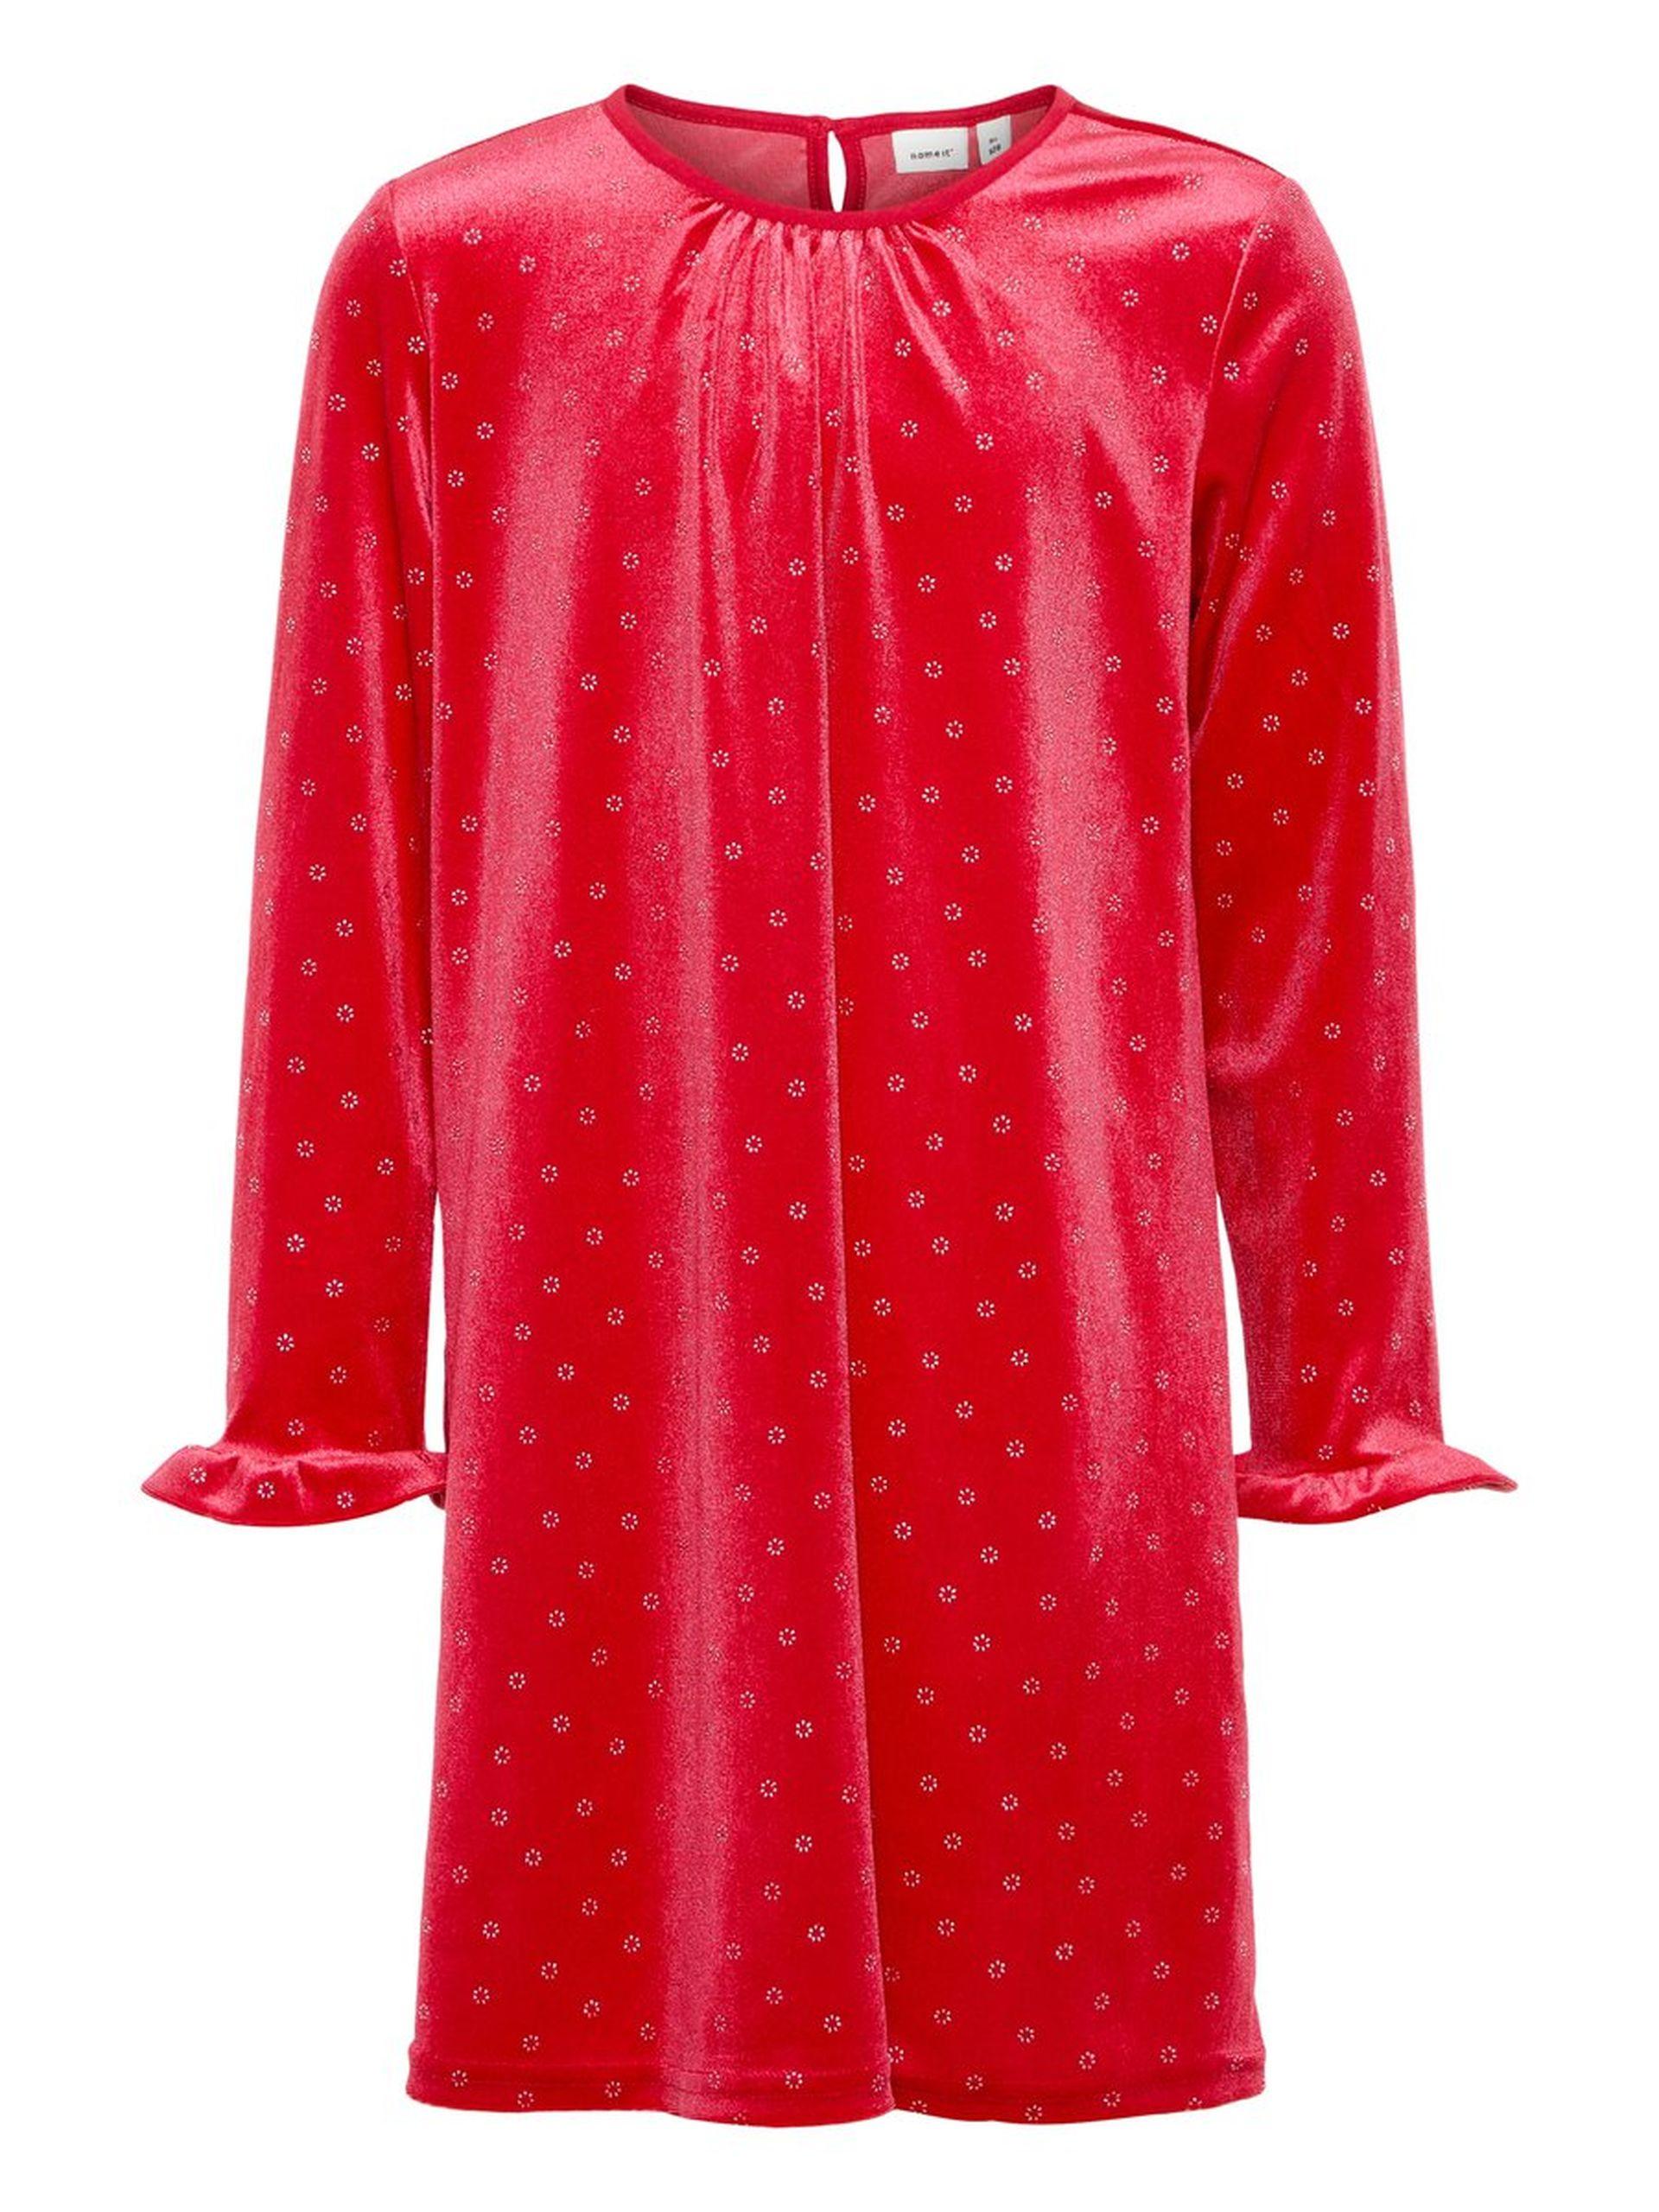 8eb0fe64 Name It rød julekjole i velur. Rød kjole til barn, julekjole med ...